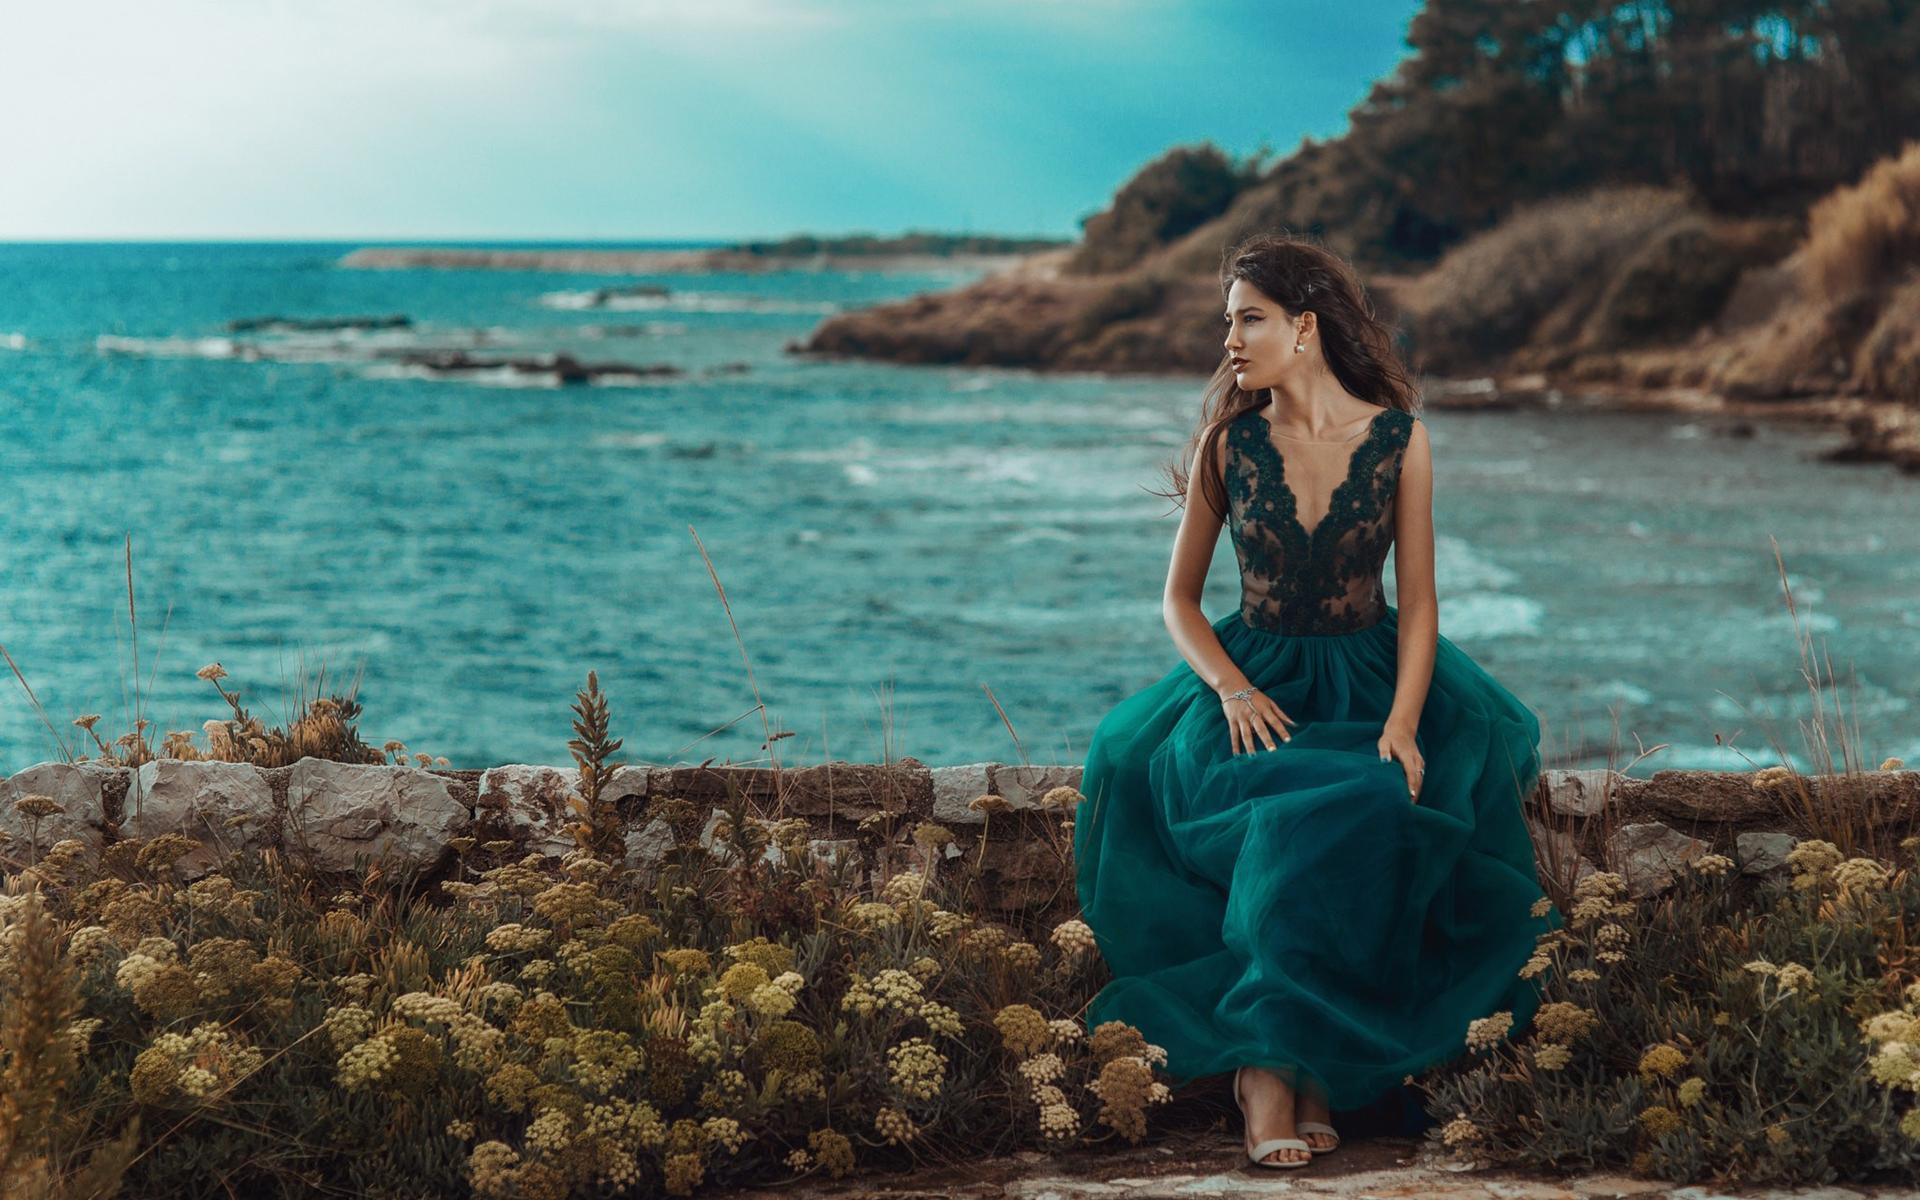 опытная тема фотосессии возле моря возбуждение